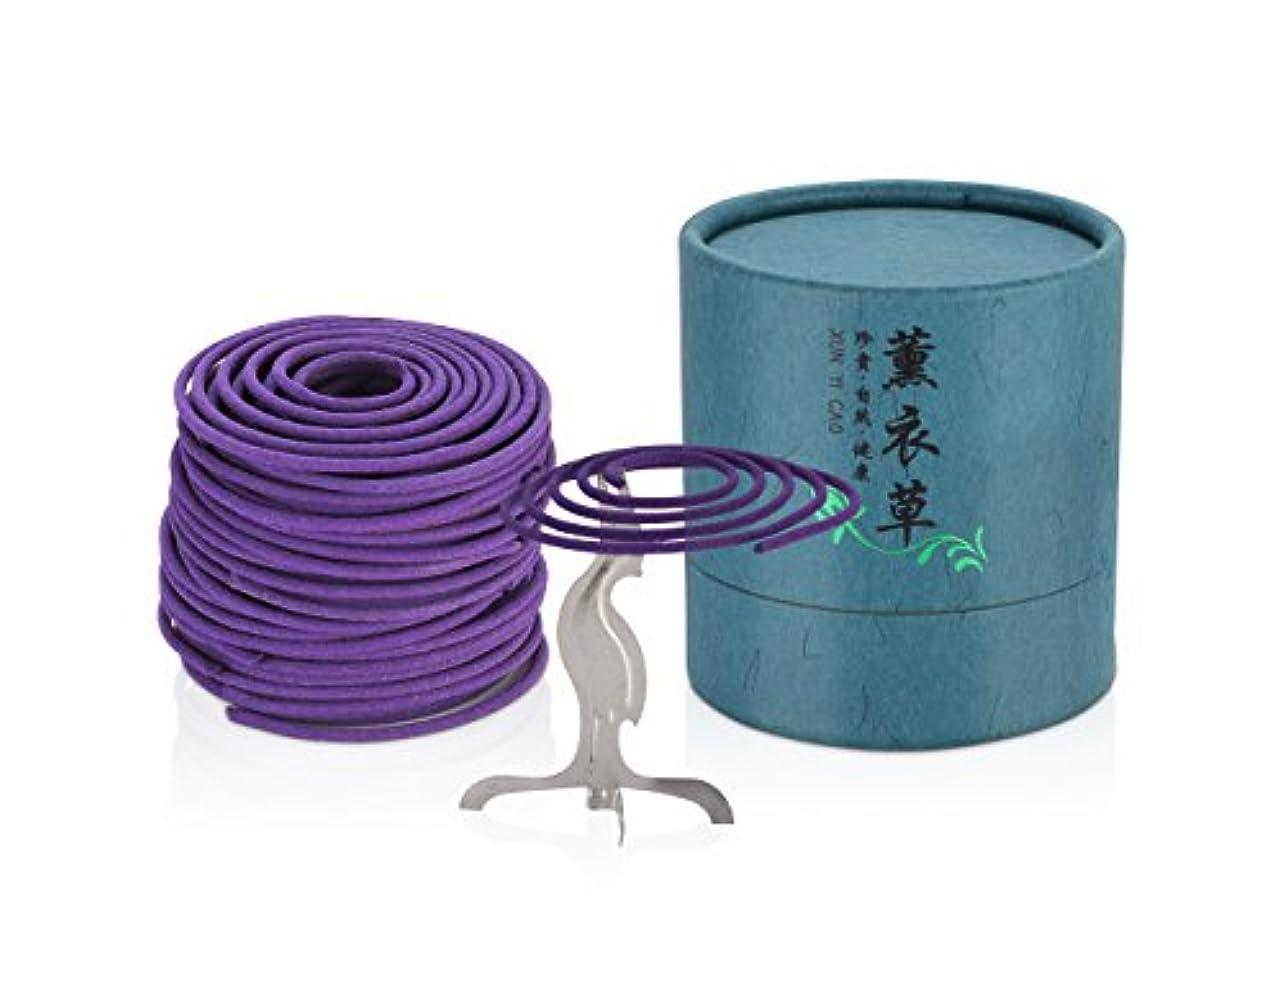 十代賠償あなたが良くなります(Lavender) - Xujia Lavender Incense Coils,Zen Buddhist Coils Incense for Burner